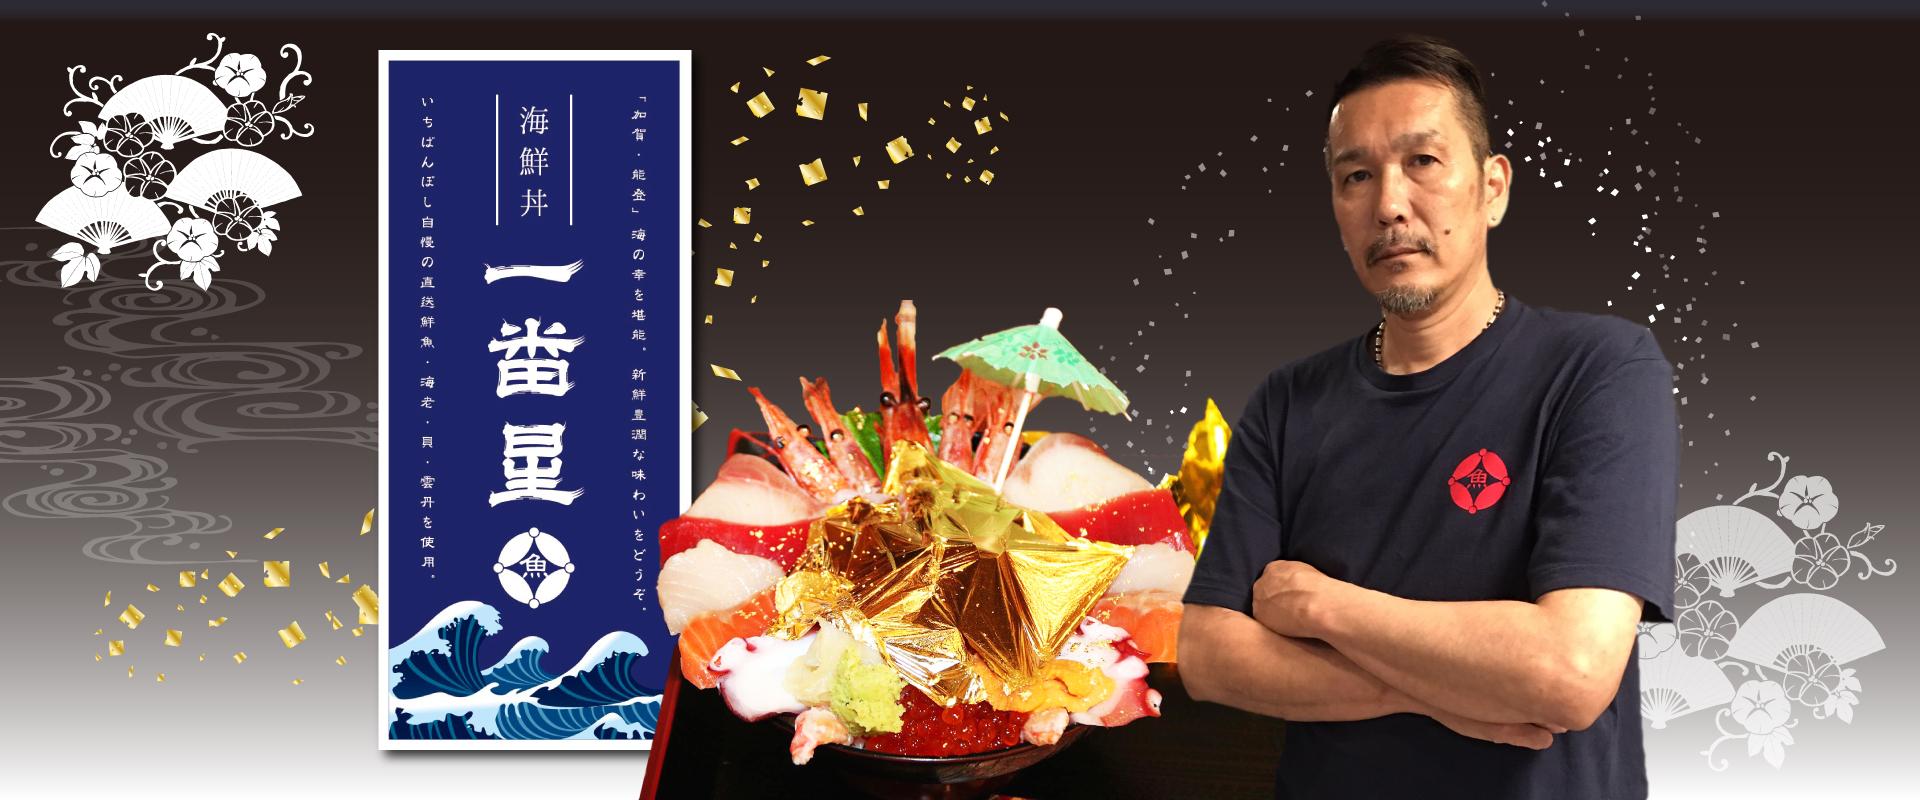 金沢近江町 加賀能登海鮮丼屋一番星